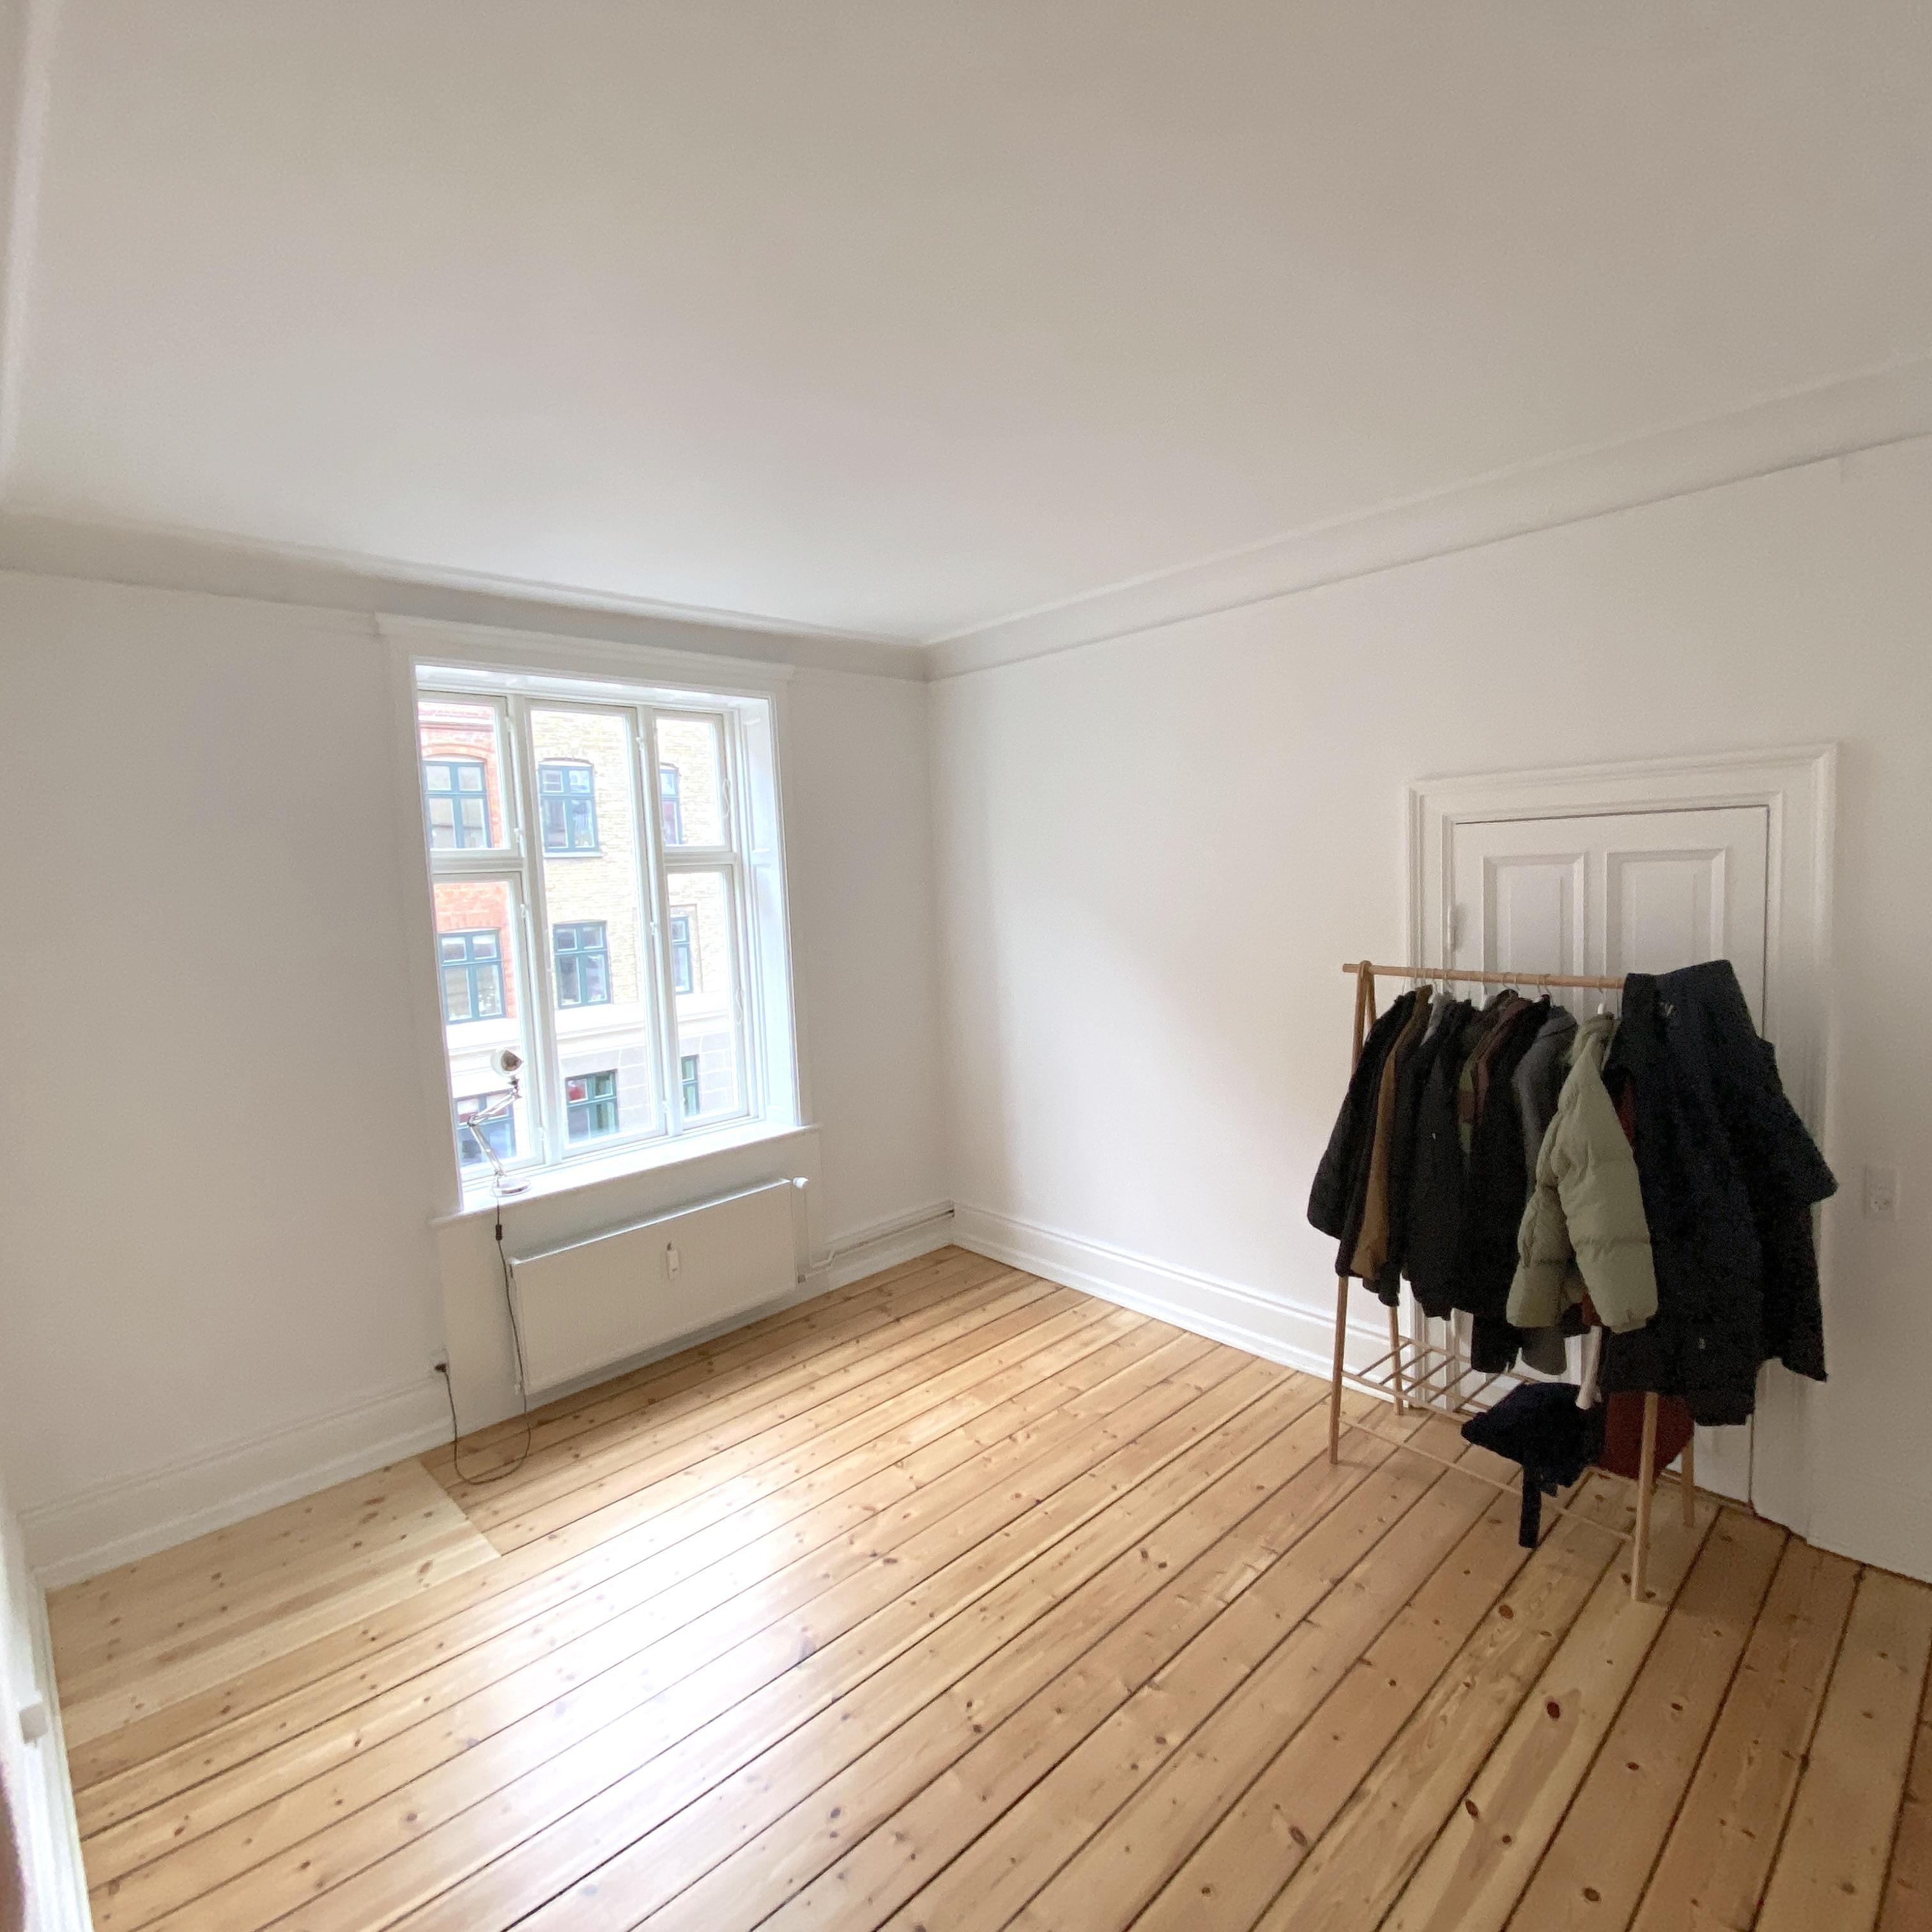 40 m2 in big apartment